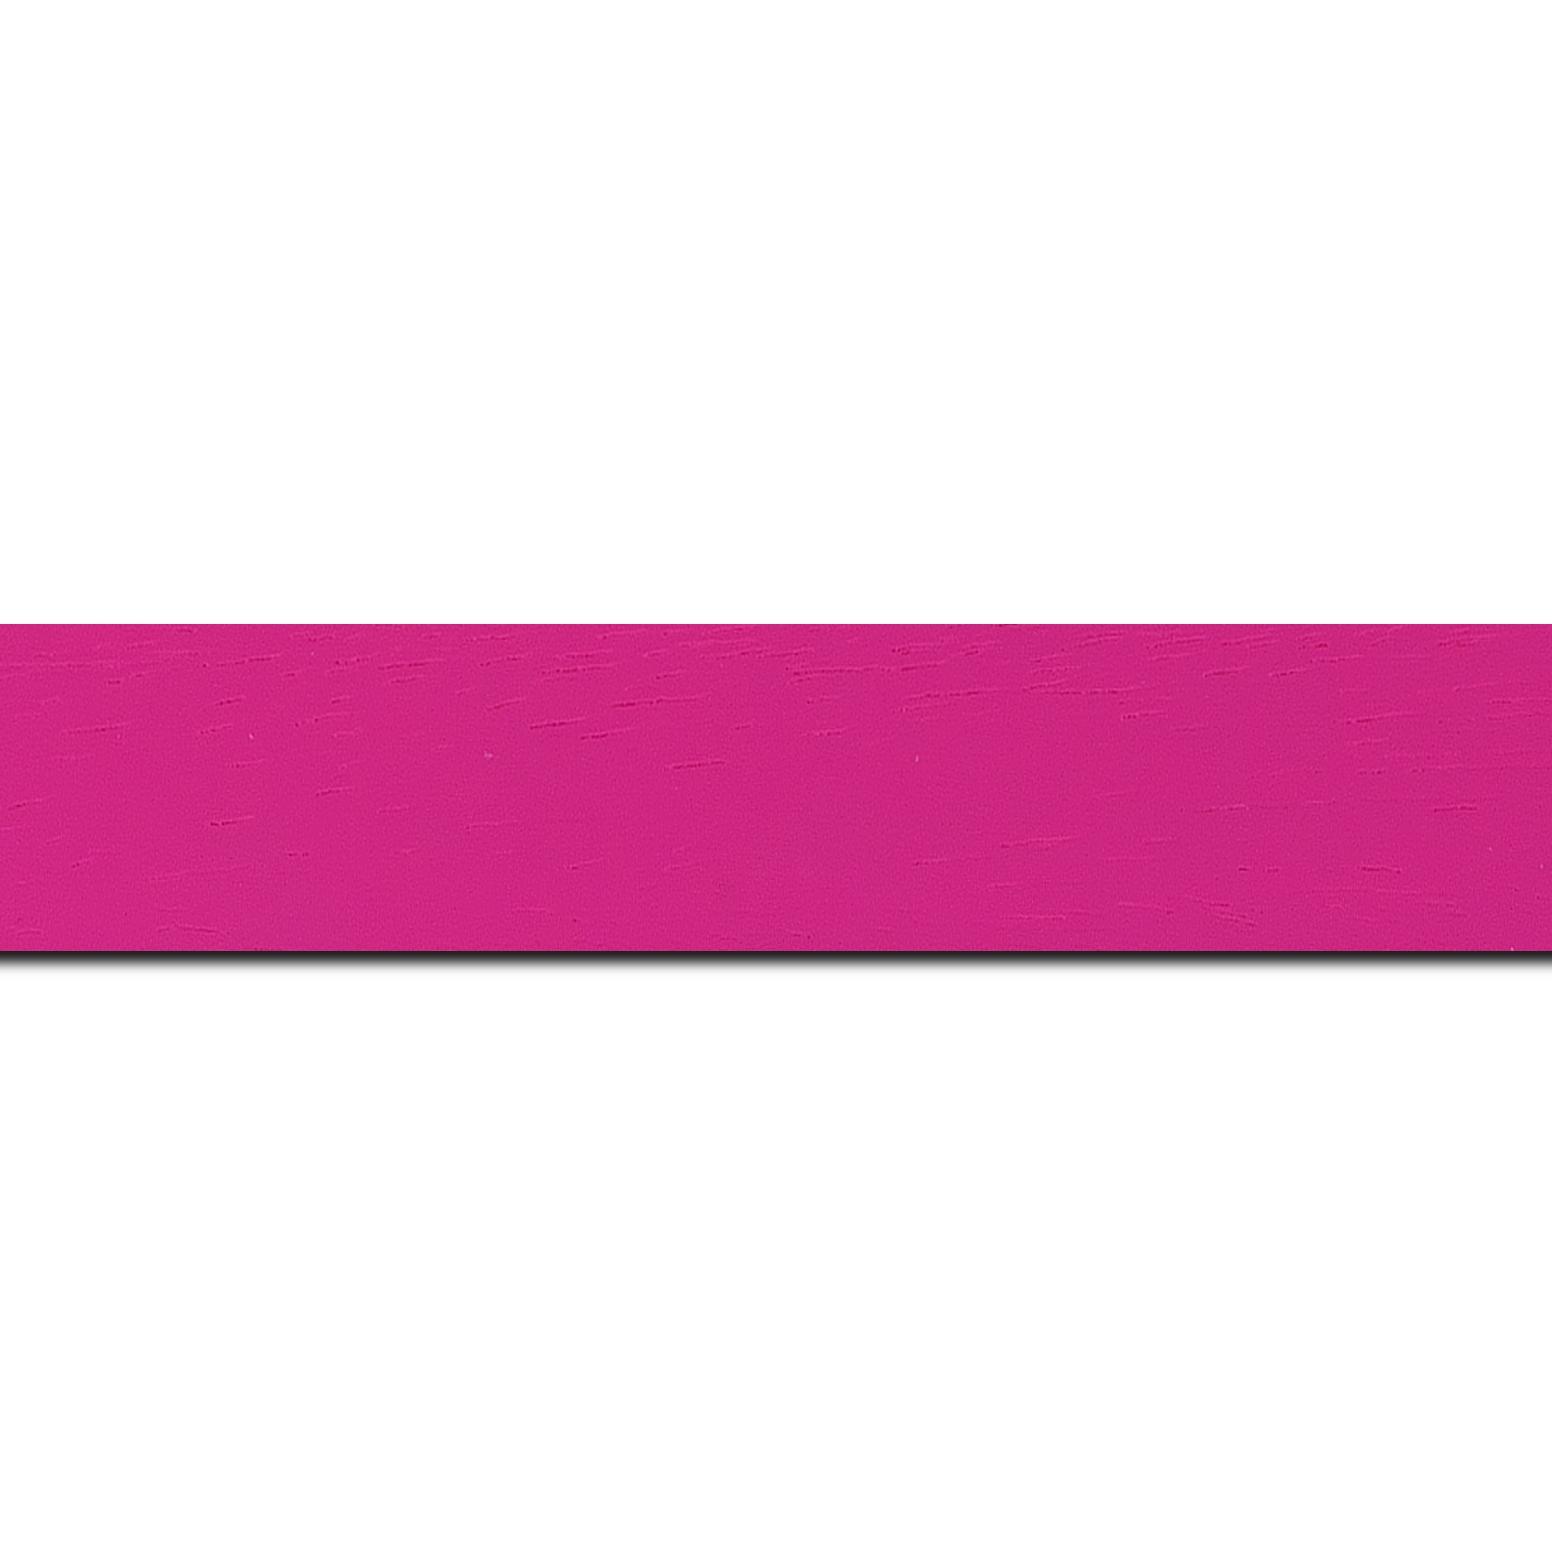 Pack par 12m, bois profil plat largeur 3cm couleur rose fushia satiné (longueur baguette pouvant varier entre 2.40m et 3m selon arrivage des bois)